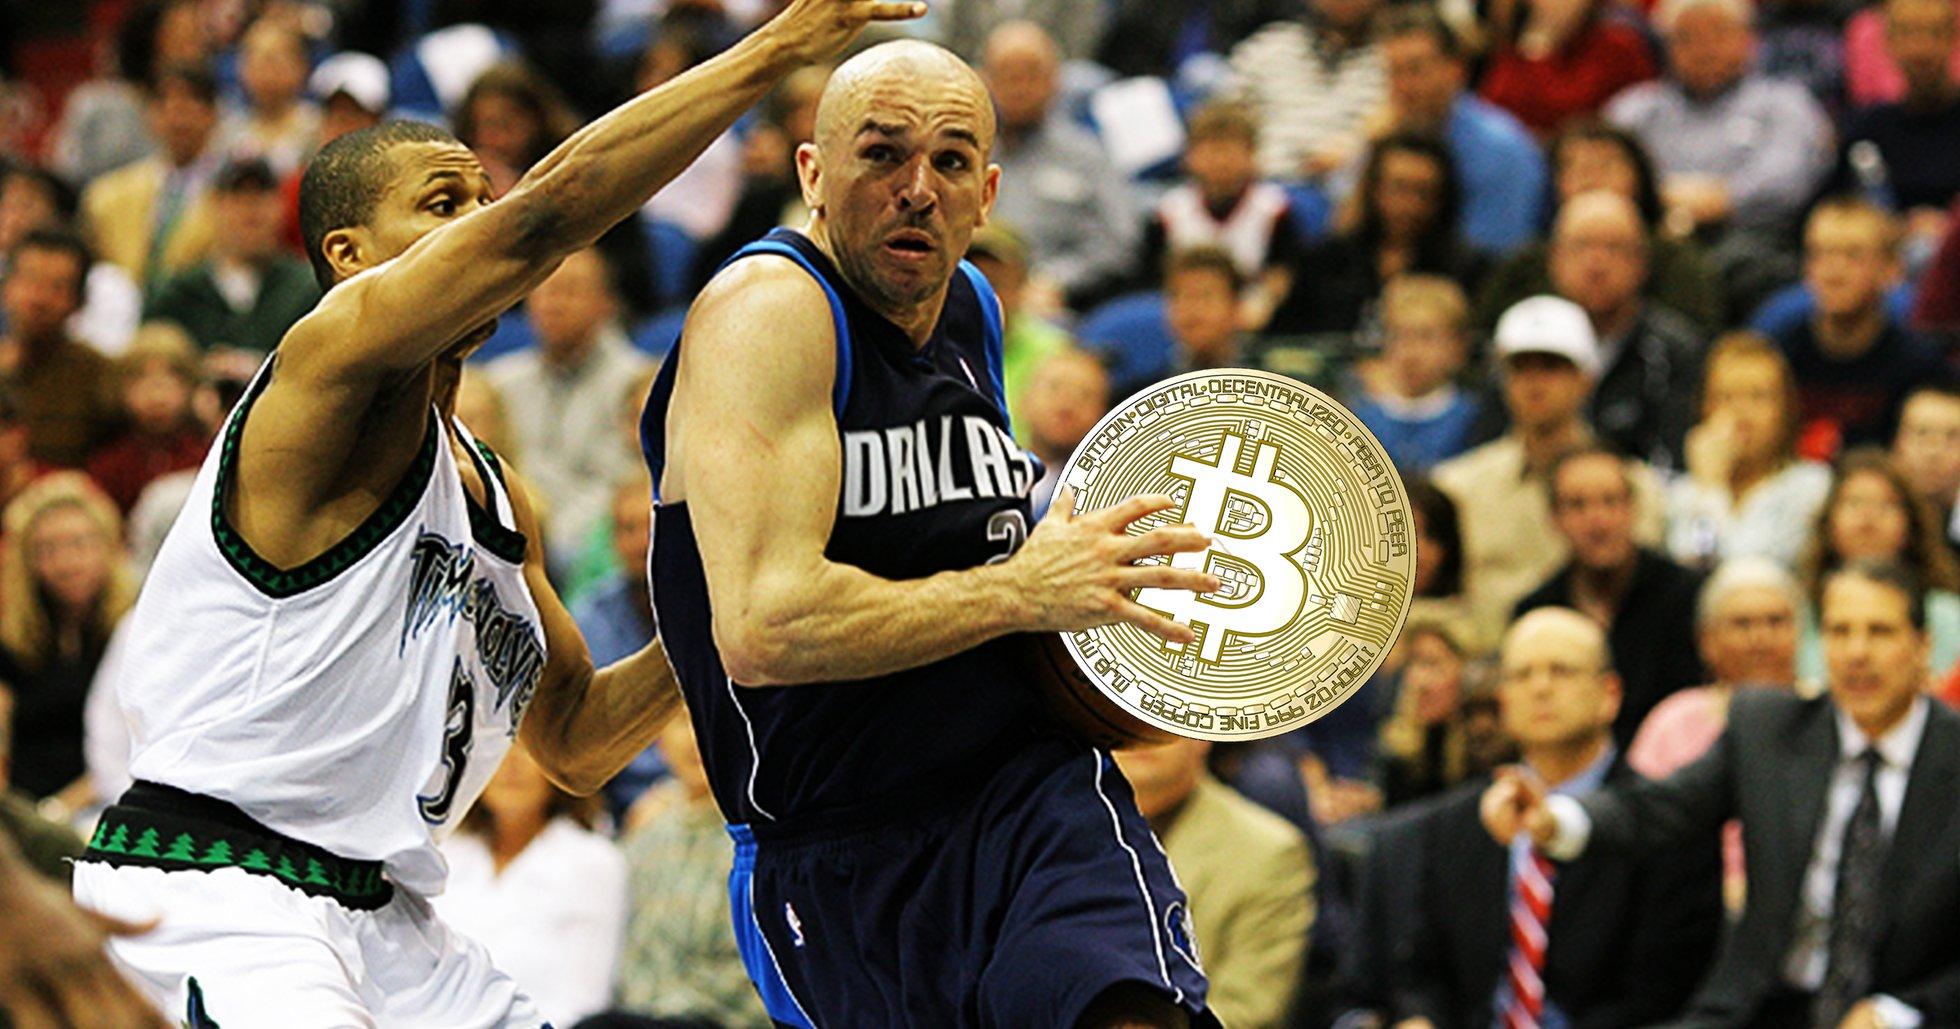 Snart kan du betala med bitcoin för att se NBA-laget Dallas Mavericks